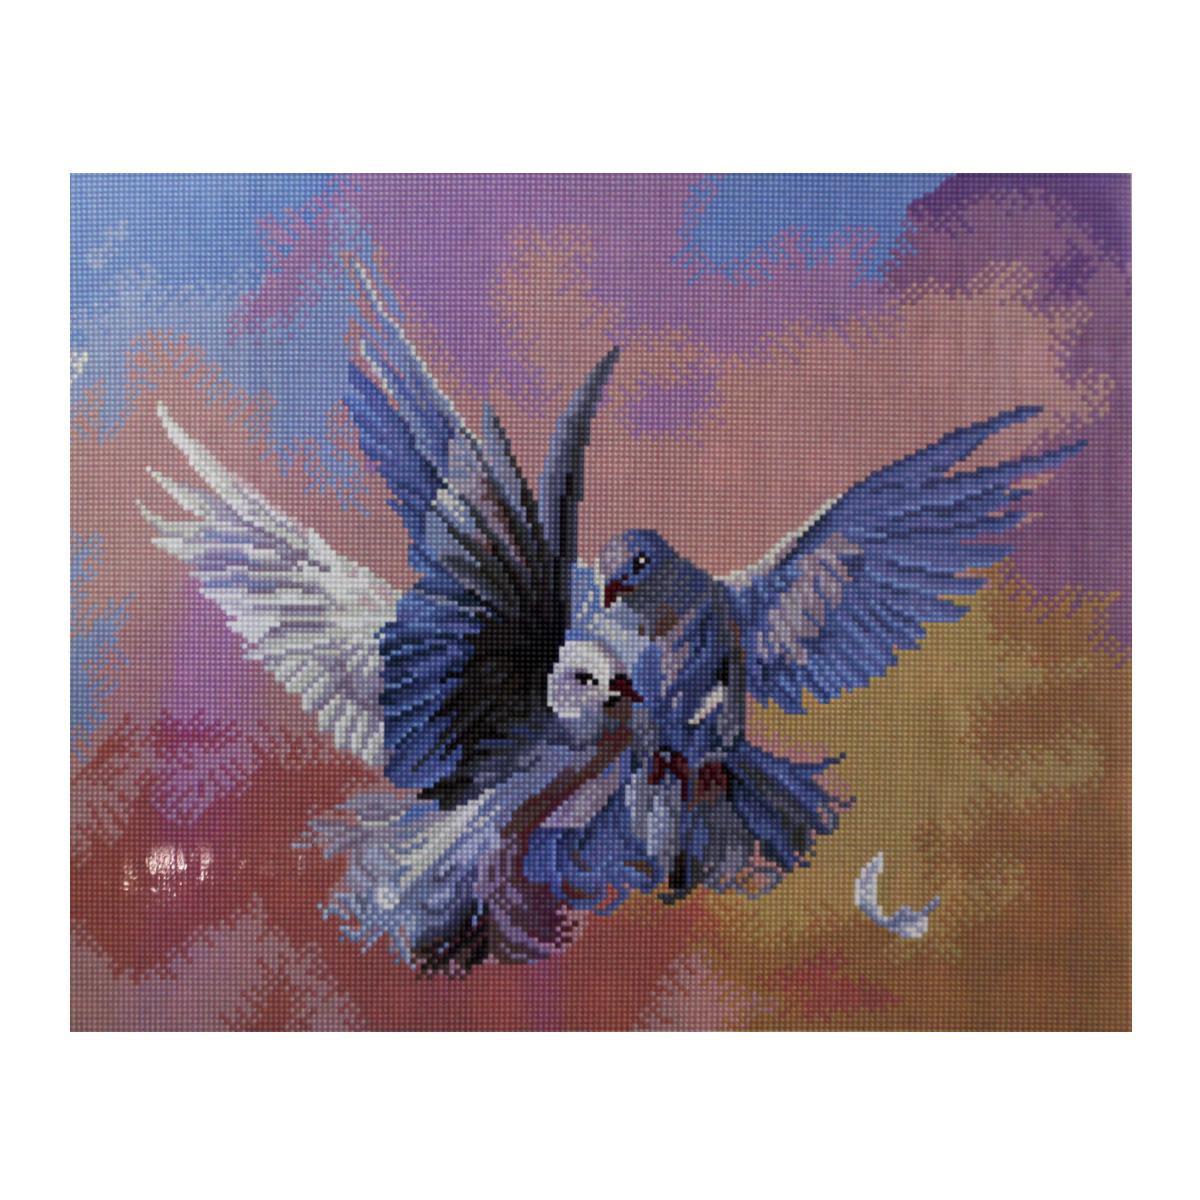 Алмазная мозаика Cristal, на деревянном подрамнике, 40 х 50 см. 77130767713076/GZ315Набор для творчества Cristal поможет вам создать свой личный шедевр - красивую картину, выполненную в мозаичной технике. Выложите прекрасную картину из множества маленьких цветных камушков. С помощью пинцета камушки размещаются на холсте, в результате проявляется рисунок. Постепенно заполняя ряд за рядом, вы создадите чудесное переливающееся изображение. Каждый камушек выполнен из прочного материала. Работа, выполненная своими руками, станет отличным подарком для друзей и близких! В набор входит: - Основа картины с нанесенной схемой на деревянной раме; - Ключи к схеме; - Комплект искусственных камней (31 цвет); - Желеобразный клей; - Пинцет; - Прозрачный клей; - Пластиковая ручка; - Пластмассовый лоток для камней; - Металлические крепления для готовой работы. Диаметр камушка: 2,5 мм. Размер готового изделия: 40 х 50 см.